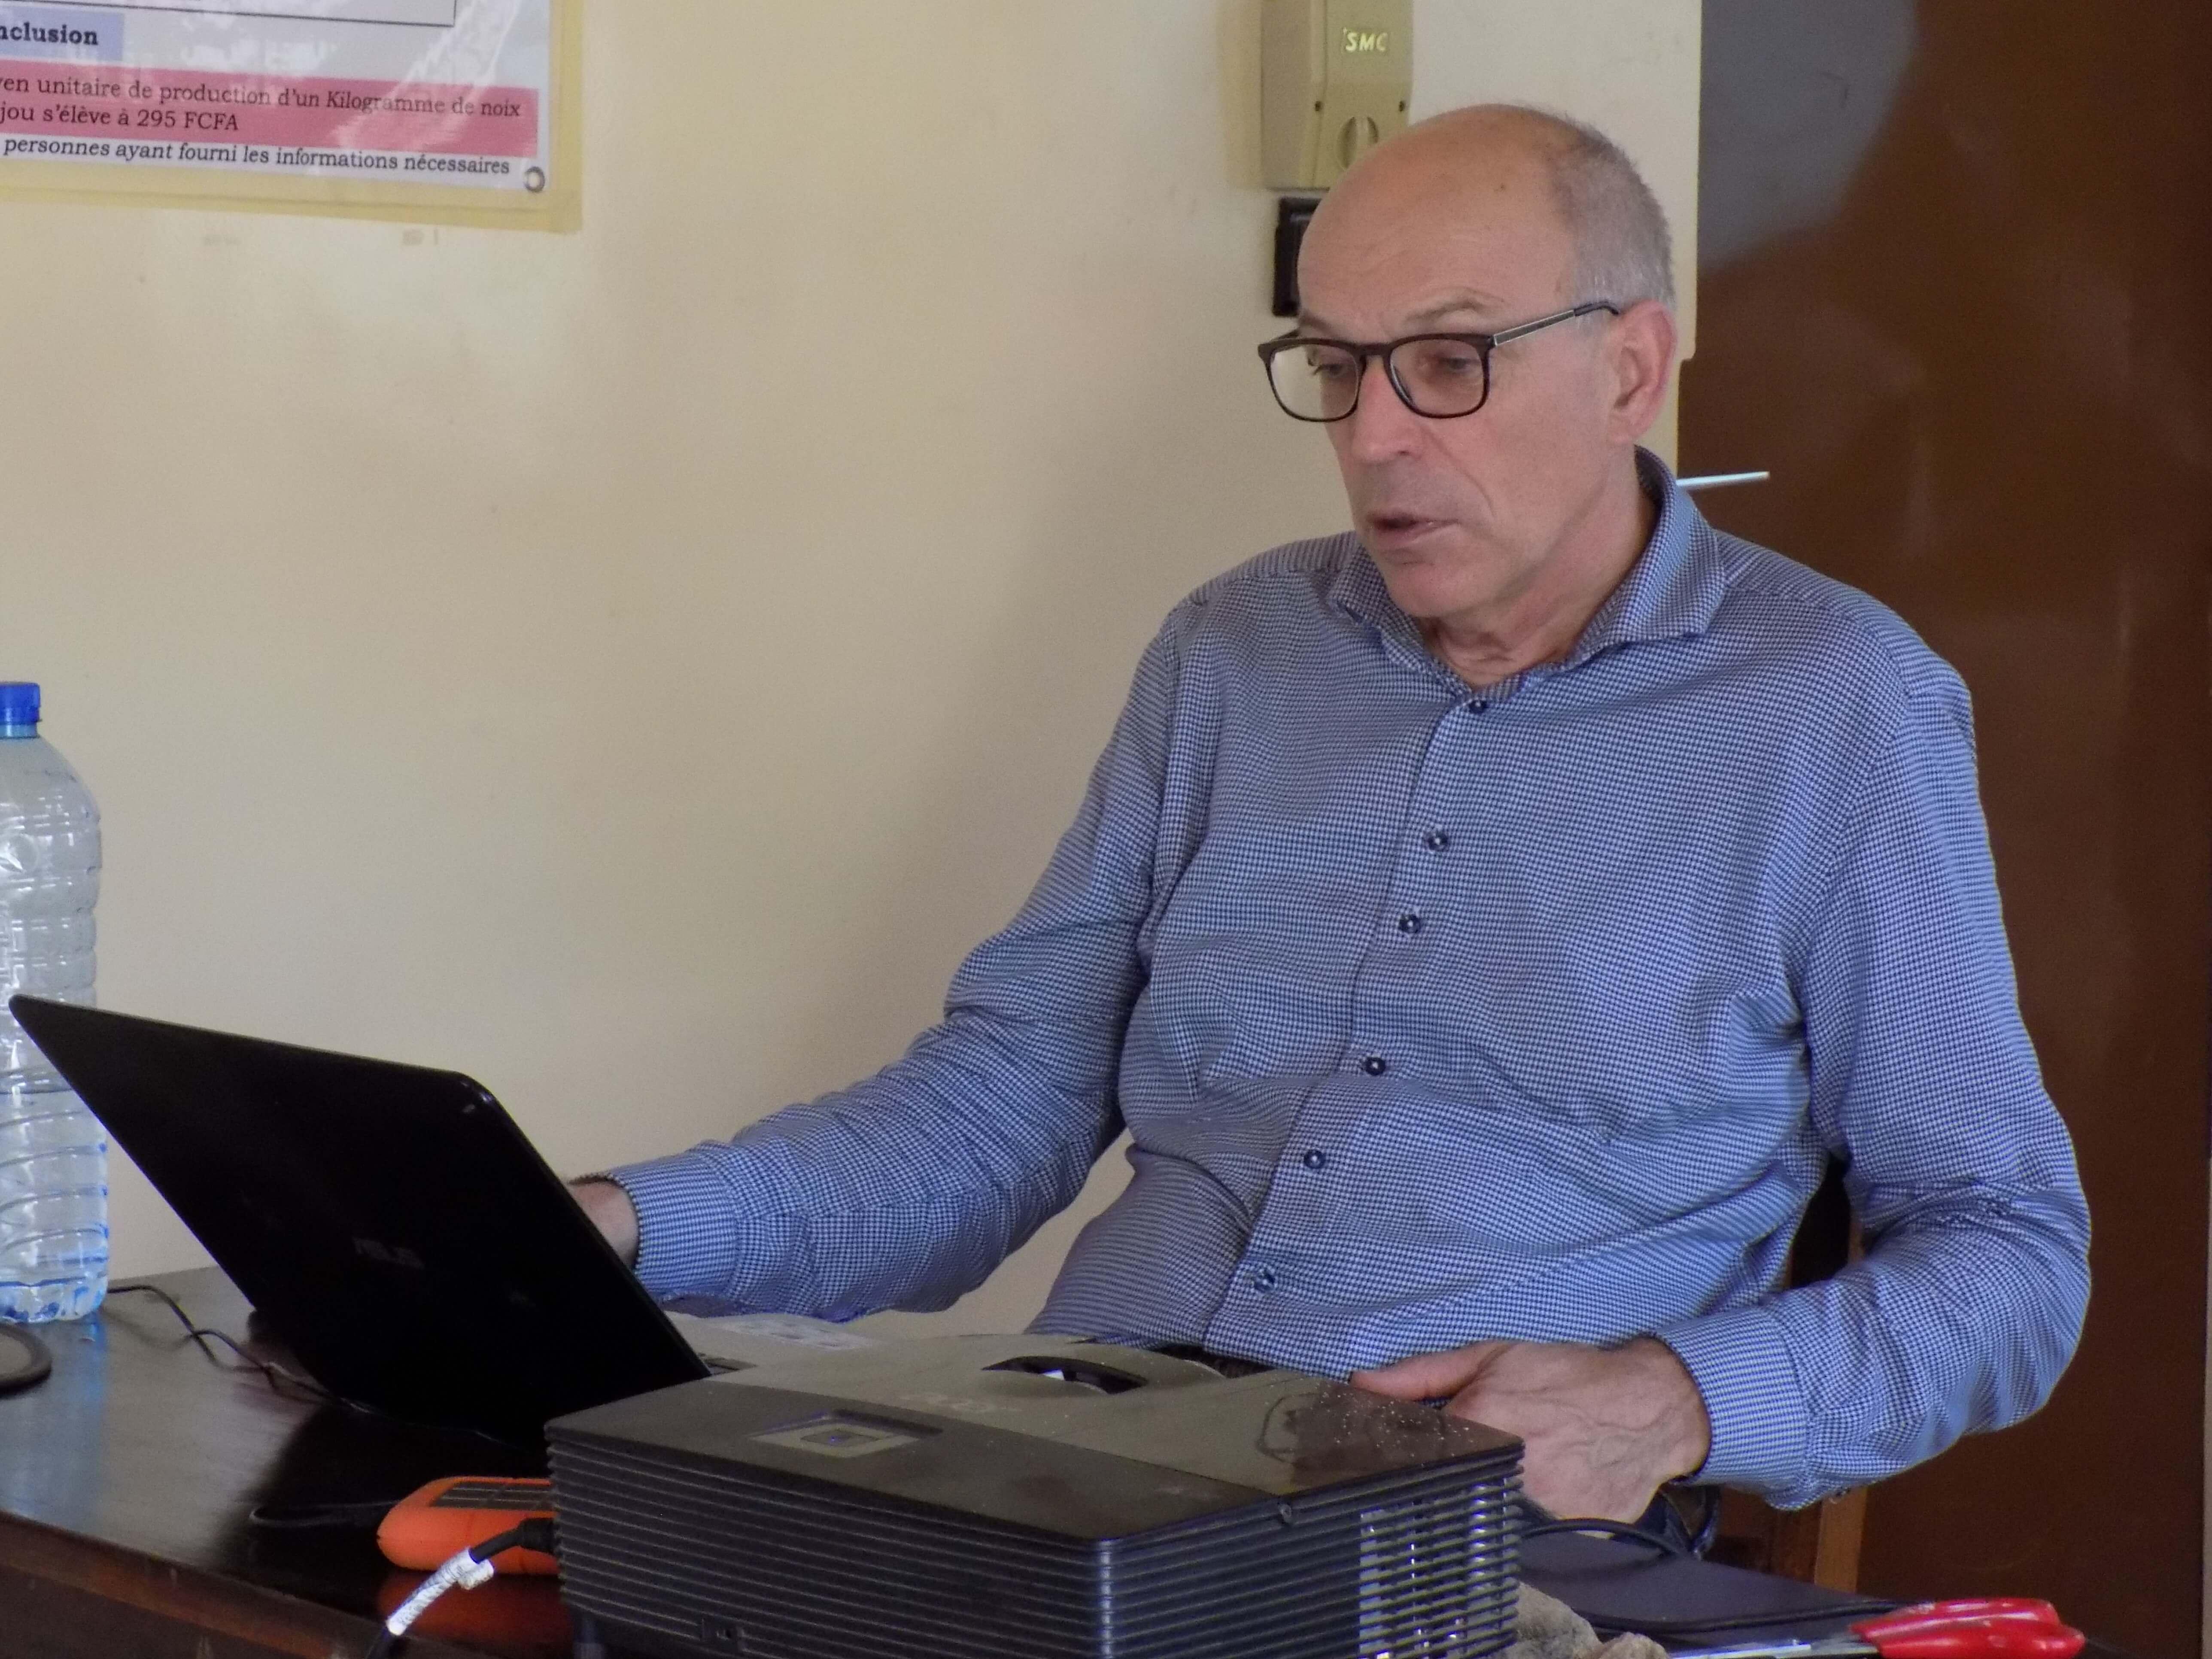 Audit organisationnel et financier : l'URCPA Borgou Alibori bénéficie de l'expertise de PUM